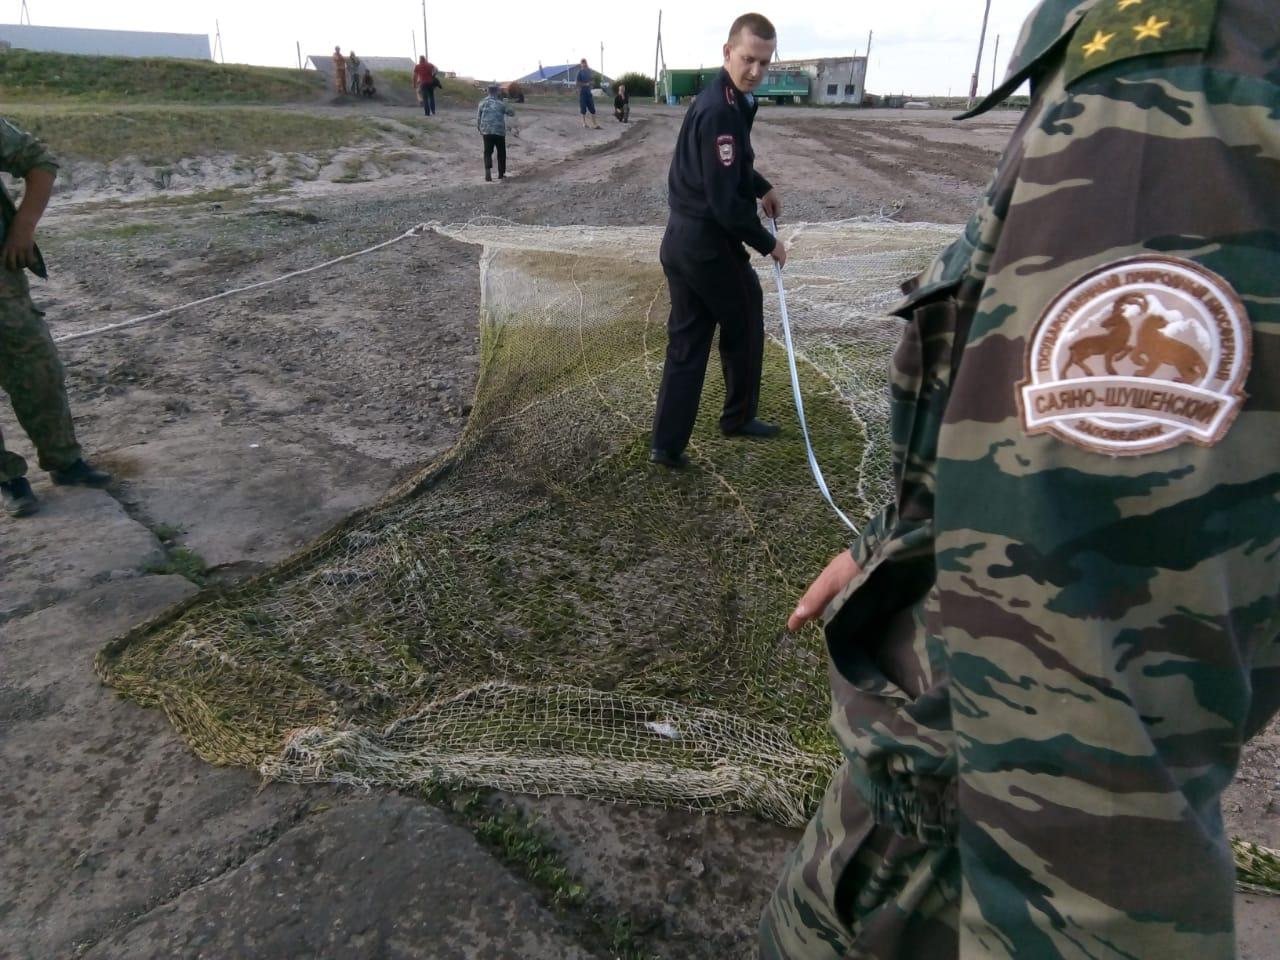 Фото: Пресс-служба заказника «Кирзинский»